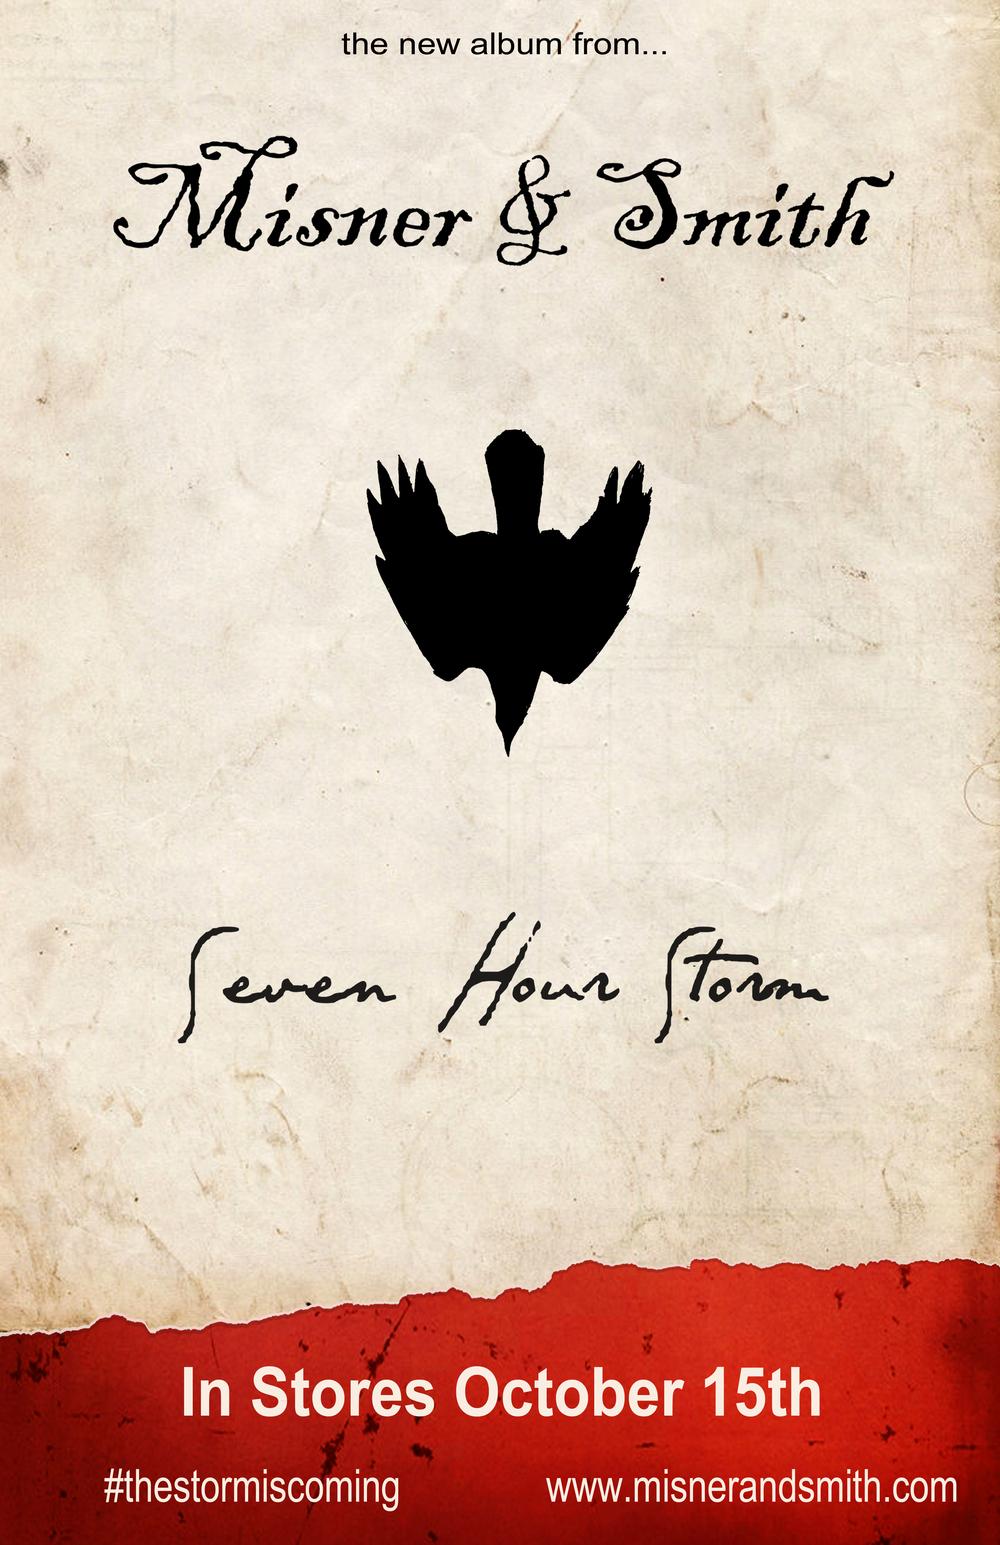 Seven Hour Storm - Album art by Kyle Monhollen 2407 Graphics